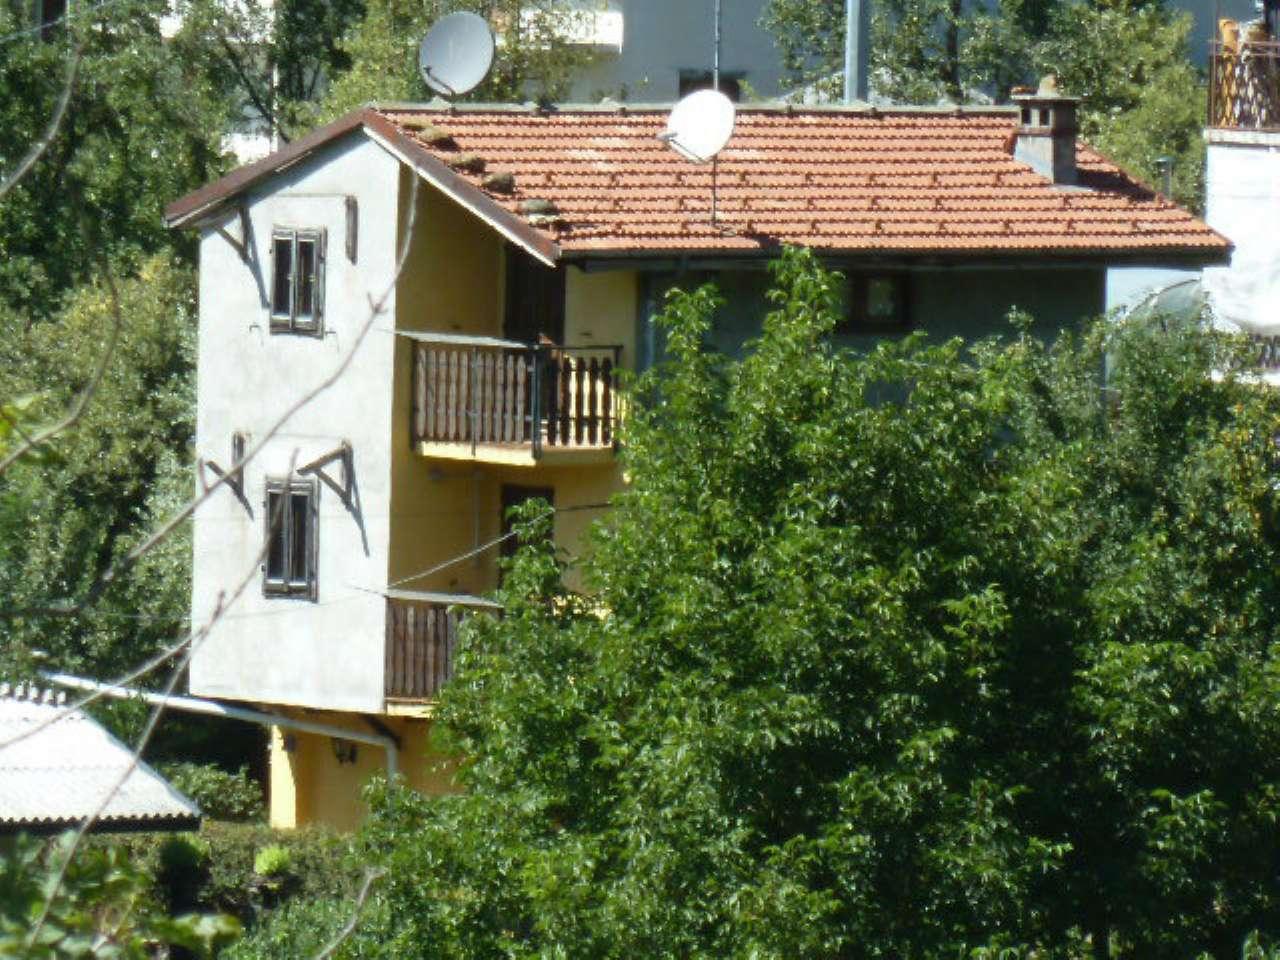 Soluzione Indipendente in vendita a Germagnano, 3 locali, prezzo € 35.000   CambioCasa.it